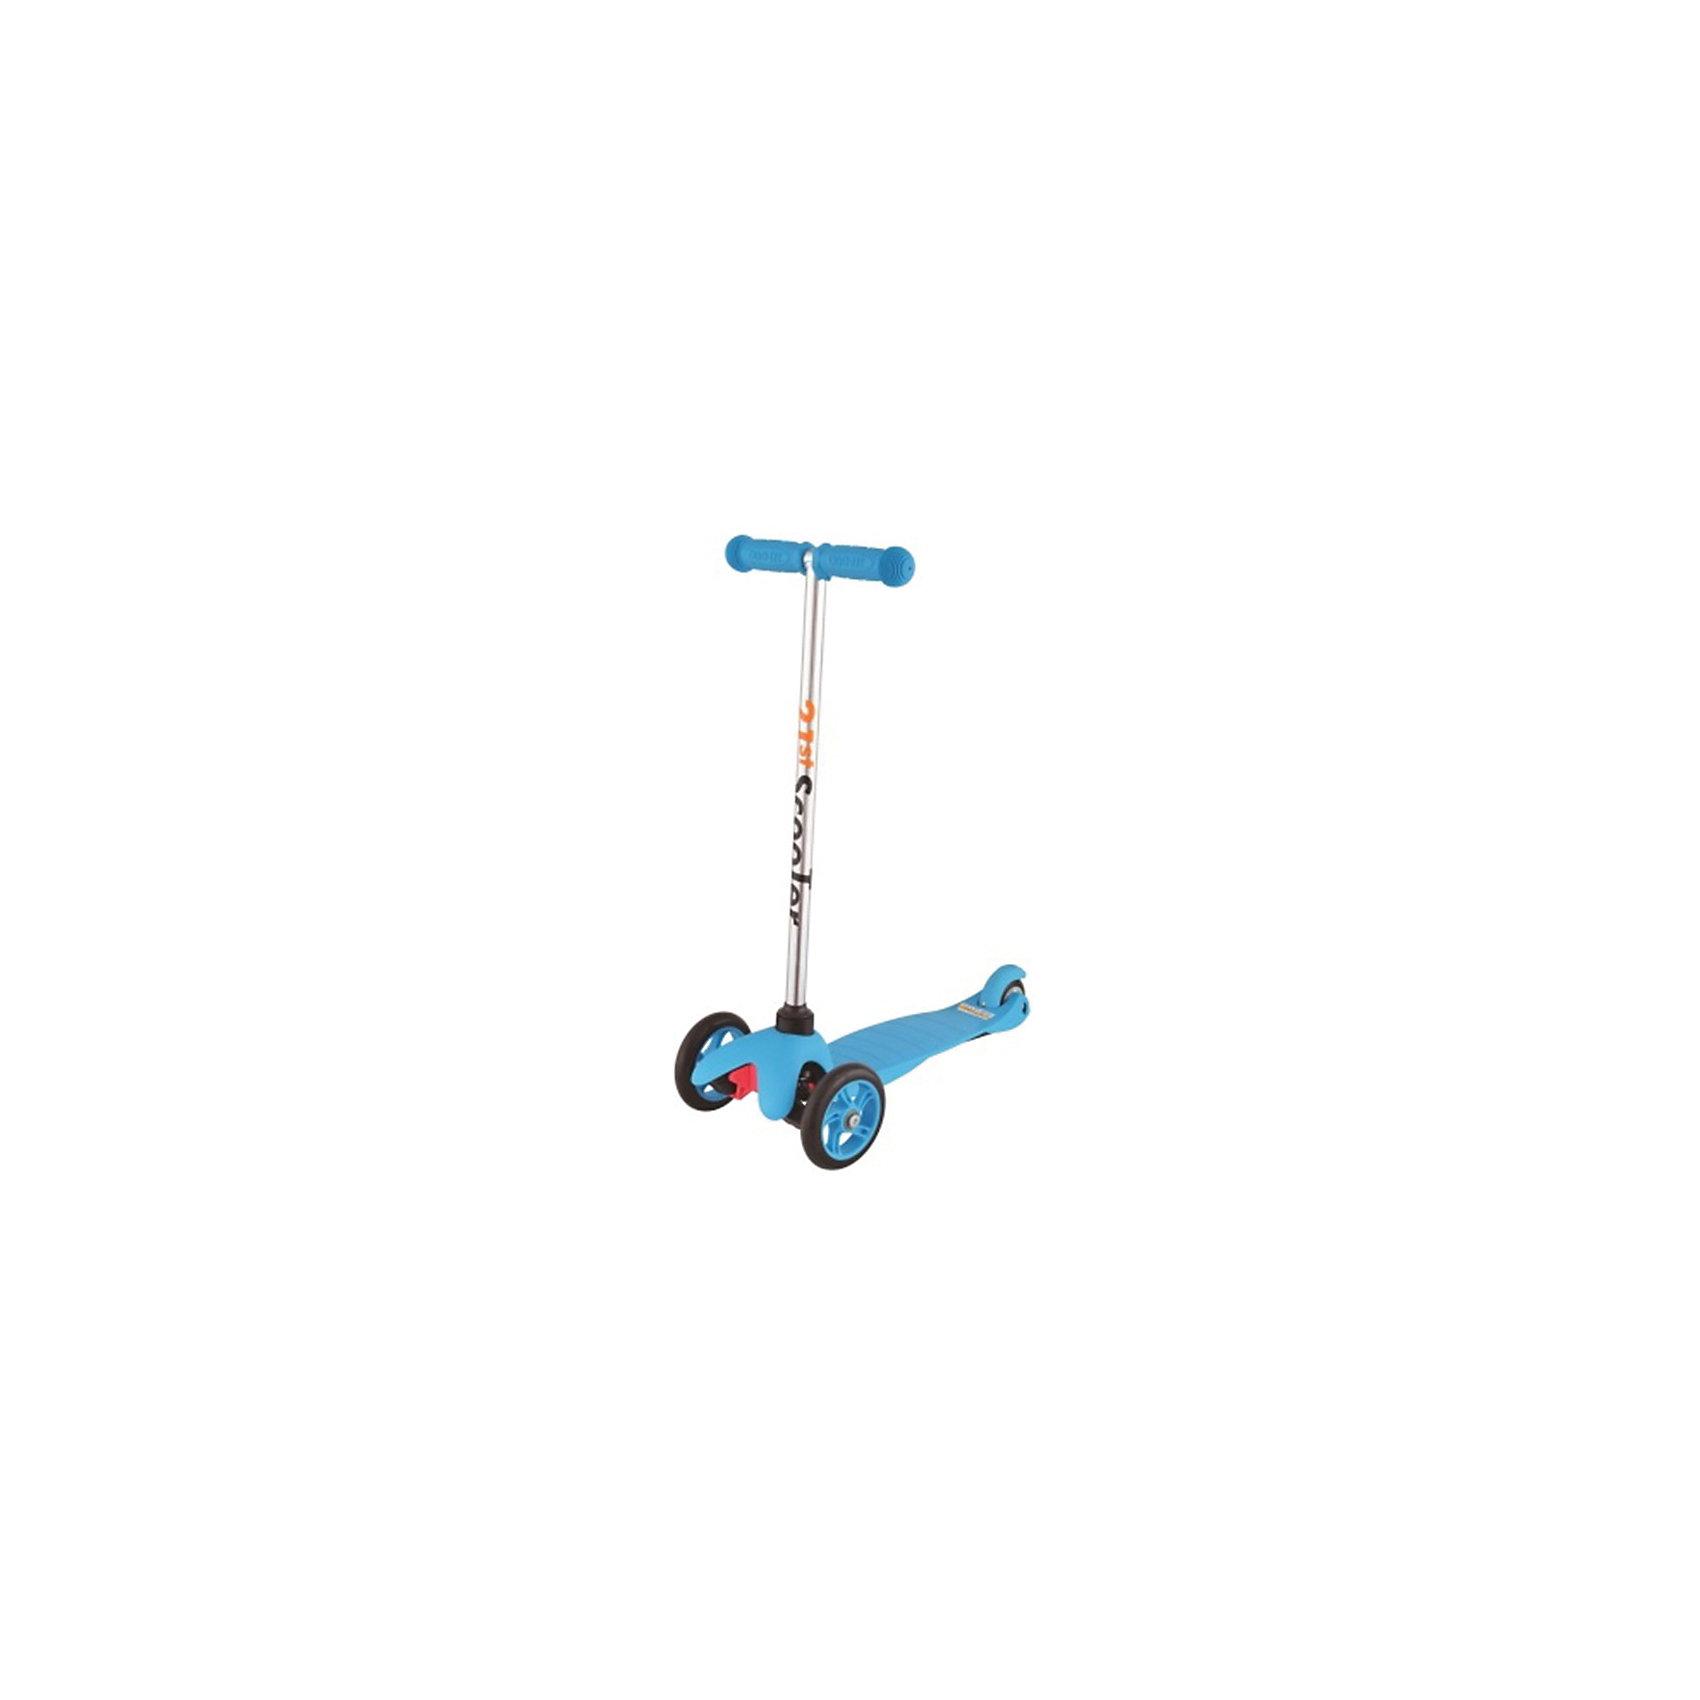 Самокат 3-х колёсный Maxi Scooter, синий, 21st scooTer21st scooter MaxiScooter (SKL-06A) - детский трехколесный самокат с амортизацией передней вилки. Самокат имеет уникальную запатентованную систему управления. Гибкая подножка сделана из мягкого пластика усиленного стекловолокном, что исключает риск травмирования ребенка об нее.За счет своей устойчивости и плавности хода, SKL-06A очень просто освоить. Самокат изготовлен из высококачественных материалов. Он отлично способствует развитию опорно-двигательного аппарата ребенка его координацию движения и навыки балансировки.Характеристики:• Вес: 2 кг.• Возраст:  от 3-х лет• Максимальная нагрузка: до 30 кг.• Материал: алюминий, полипропилен, стеклопластик• Колеса: полиуретановые литые колеса PU• Диаметр колес: передние 120 мм, заднее 80 мм.• Подшипники: ABEC-1• Тормоз: задний тормоз наступающий (step-on brake)• Размеры: 67х23х53,5 см.• Размер платформы: 52х11 см.<br><br>Ширина мм: 610<br>Глубина мм: 450<br>Высота мм: 390<br>Вес г: 2400<br>Возраст от месяцев: 36<br>Возраст до месяцев: 2147483647<br>Пол: Унисекс<br>Возраст: Детский<br>SKU: 5475695